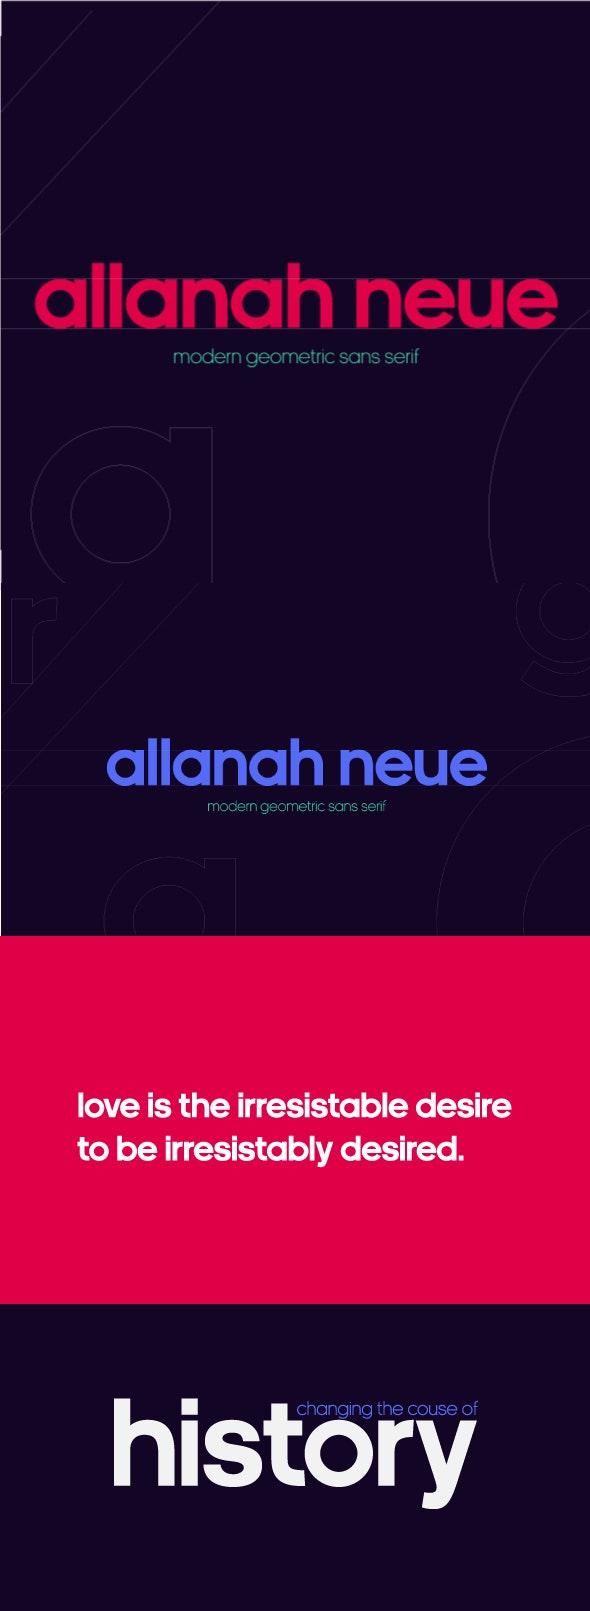 Allanah Neue Geometric Sans Serif Font - Miscellaneous Sans-Serif